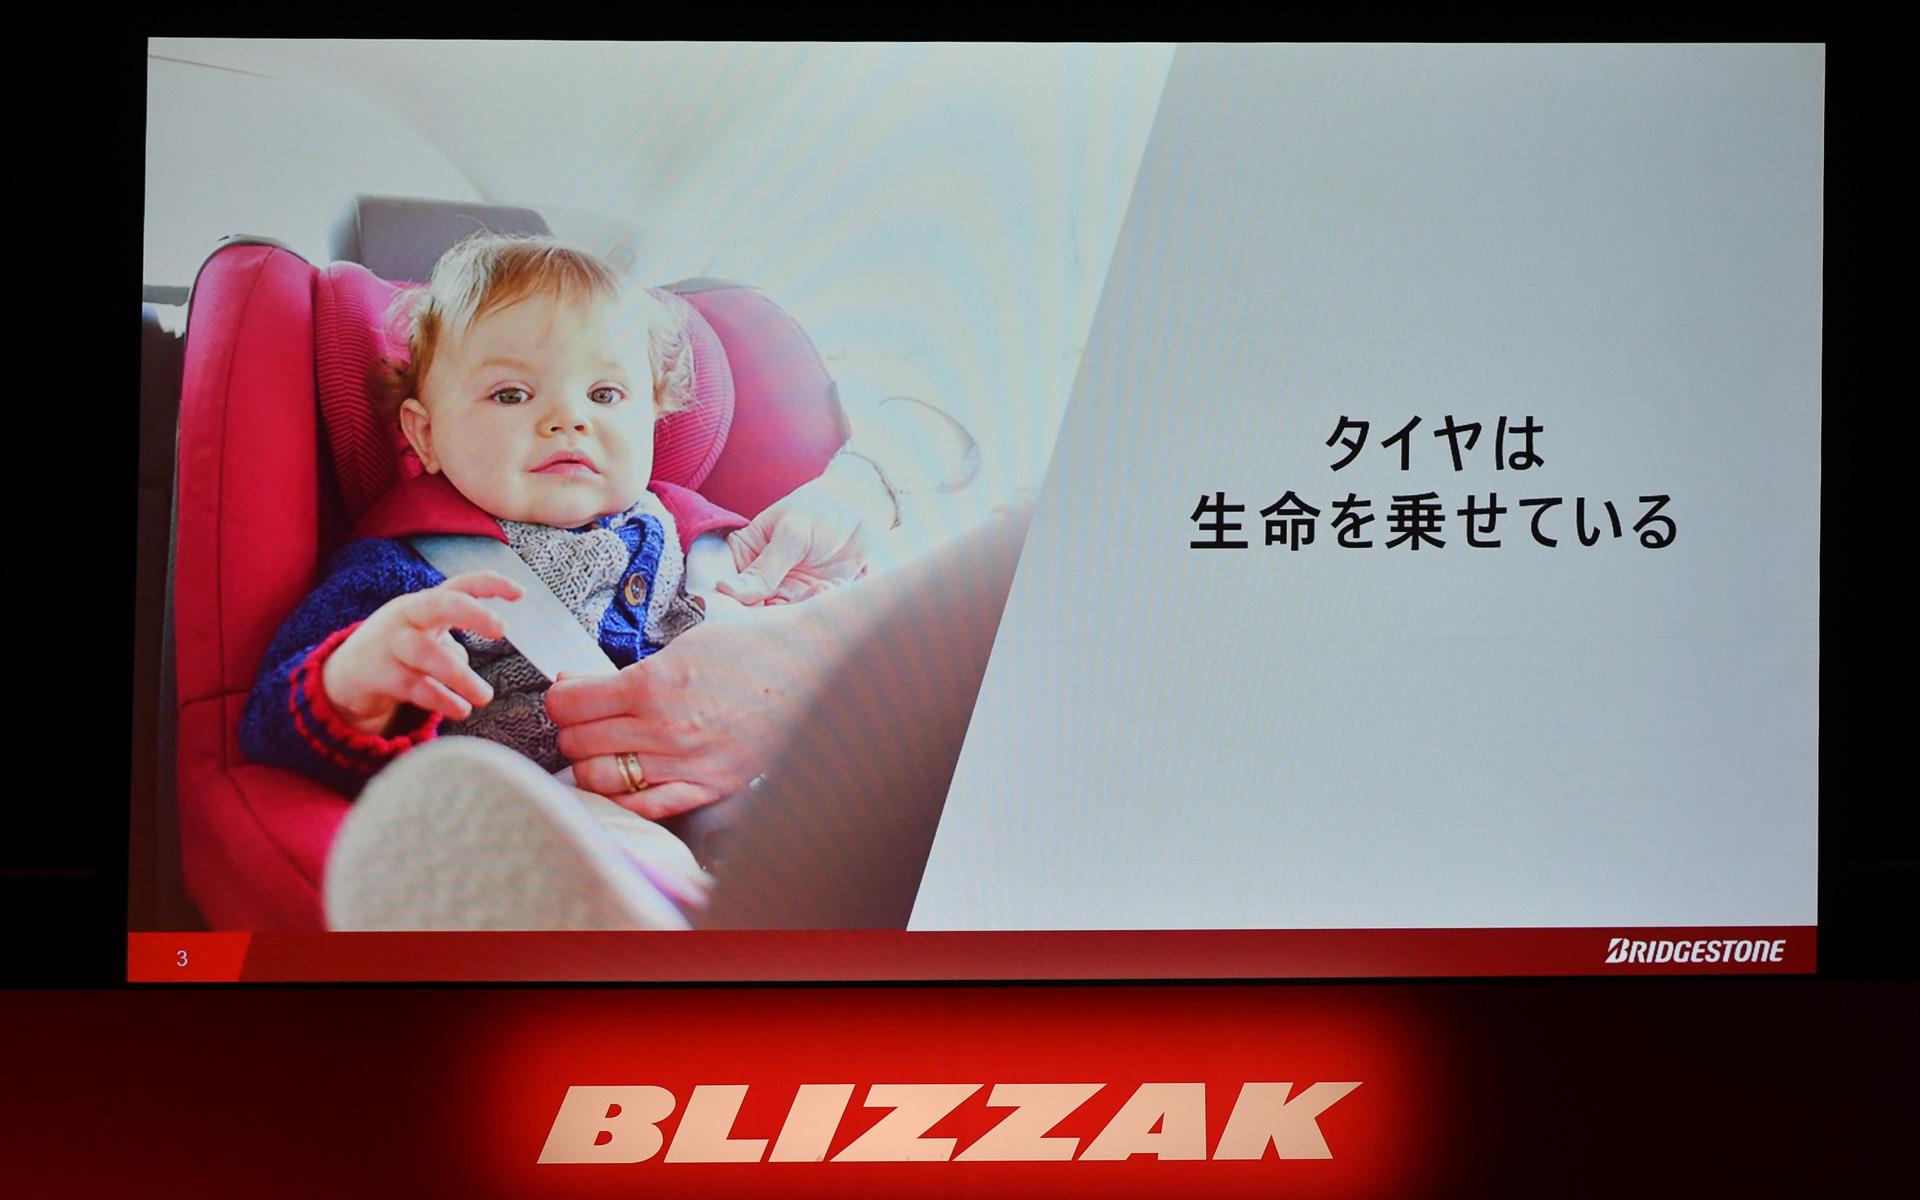 長島氏が最初に紹介したスライド「タイヤは命を乗せている」